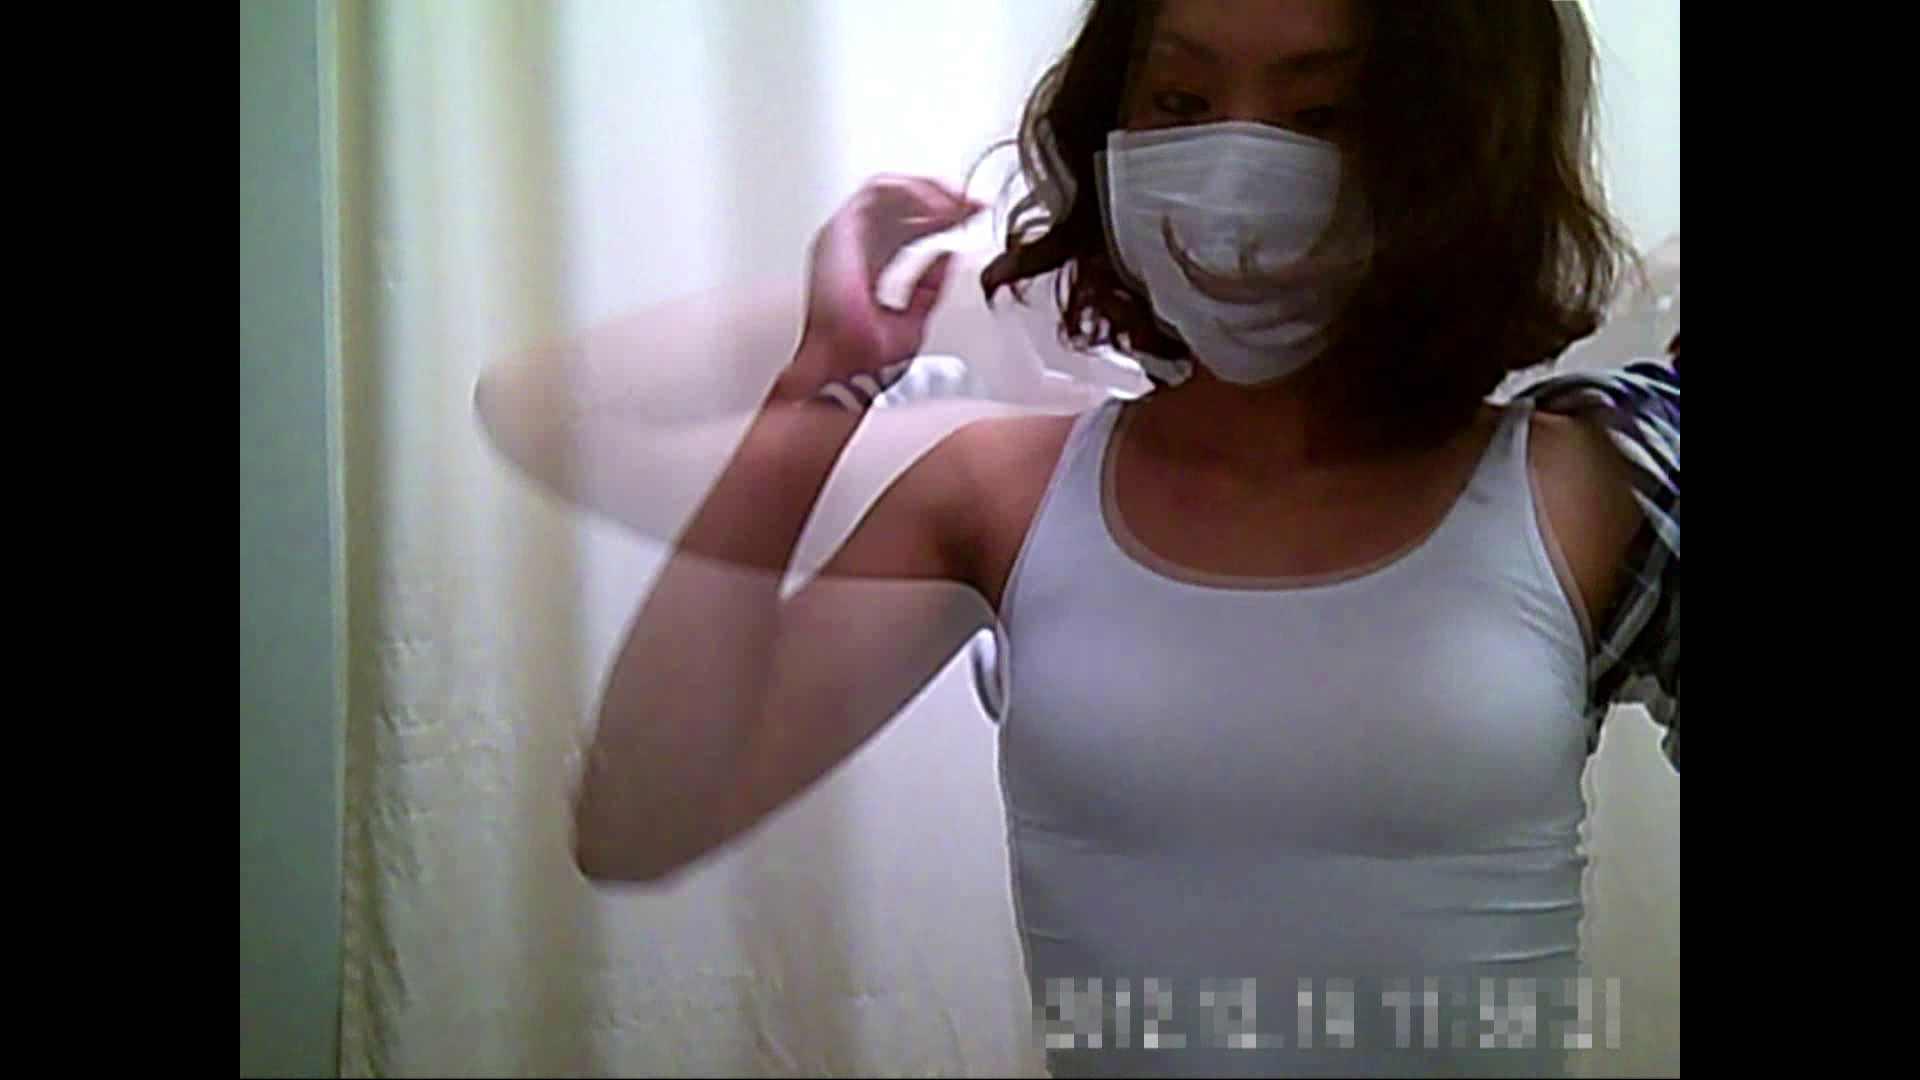 病院おもいっきり着替え! vol.178 女体盗撮 隠し撮りすけべAV動画紹介 62連発 30